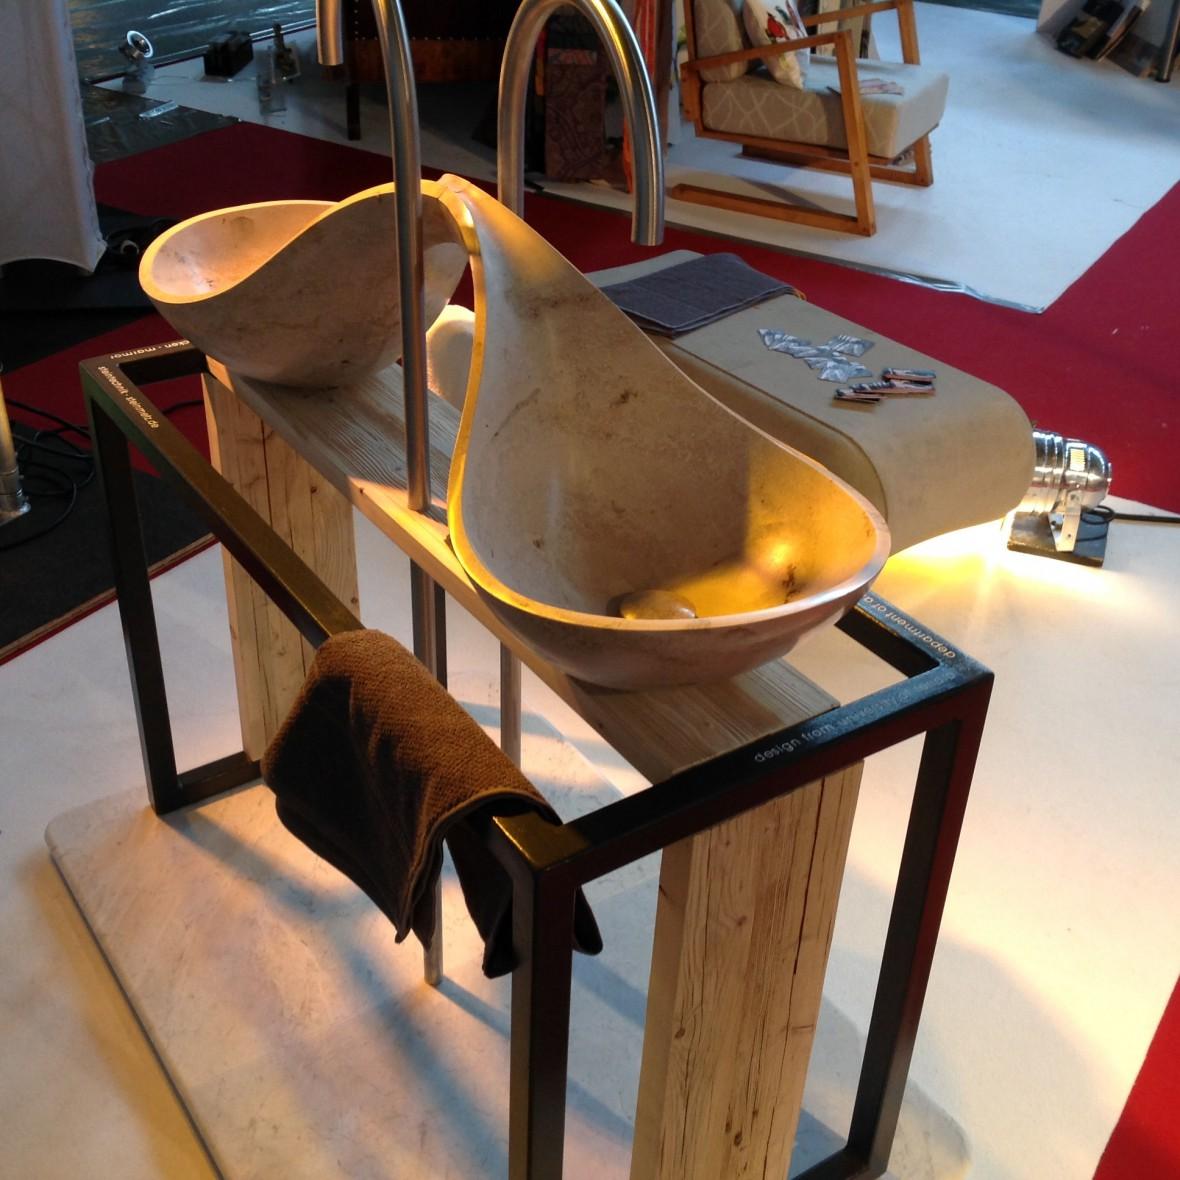 Doppelwaschtisch-Messe_Bild2